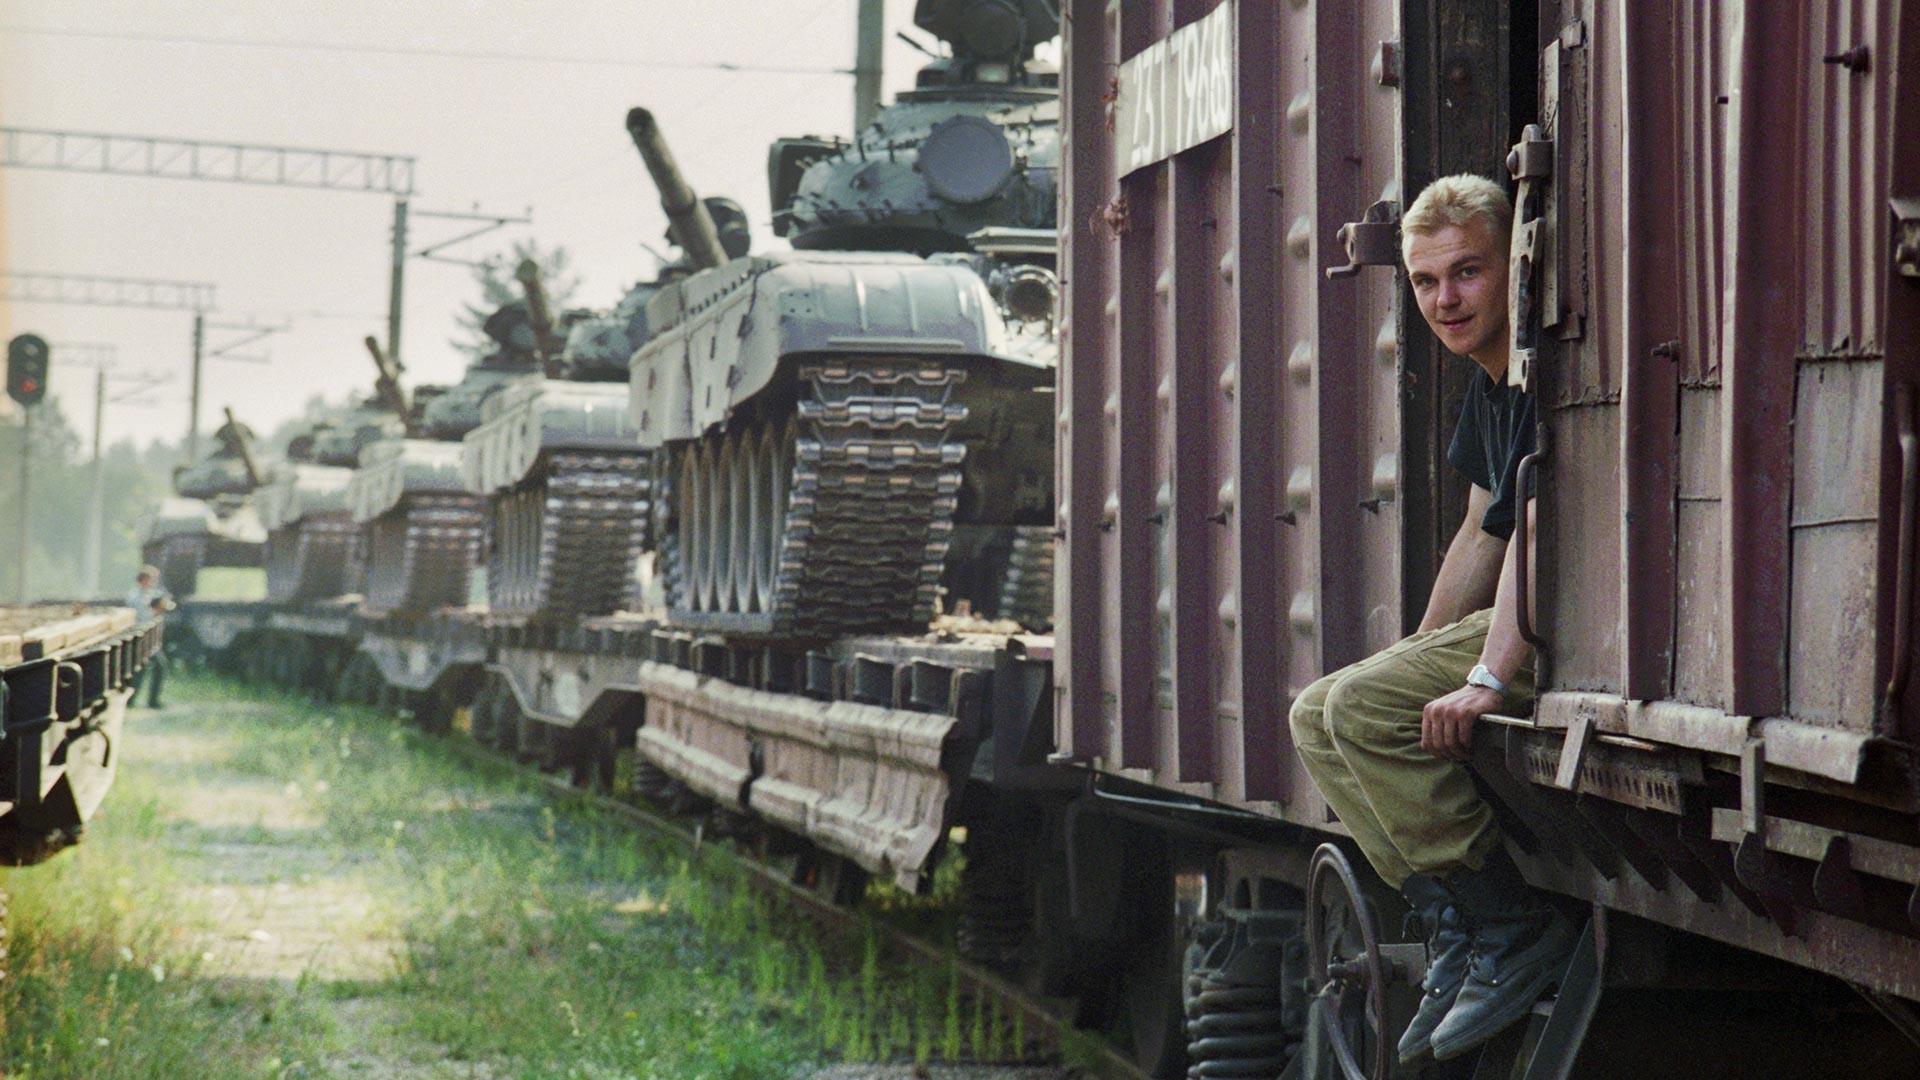 Повлачење трупа из Летоније. Ешалон пред повратак у РФ.